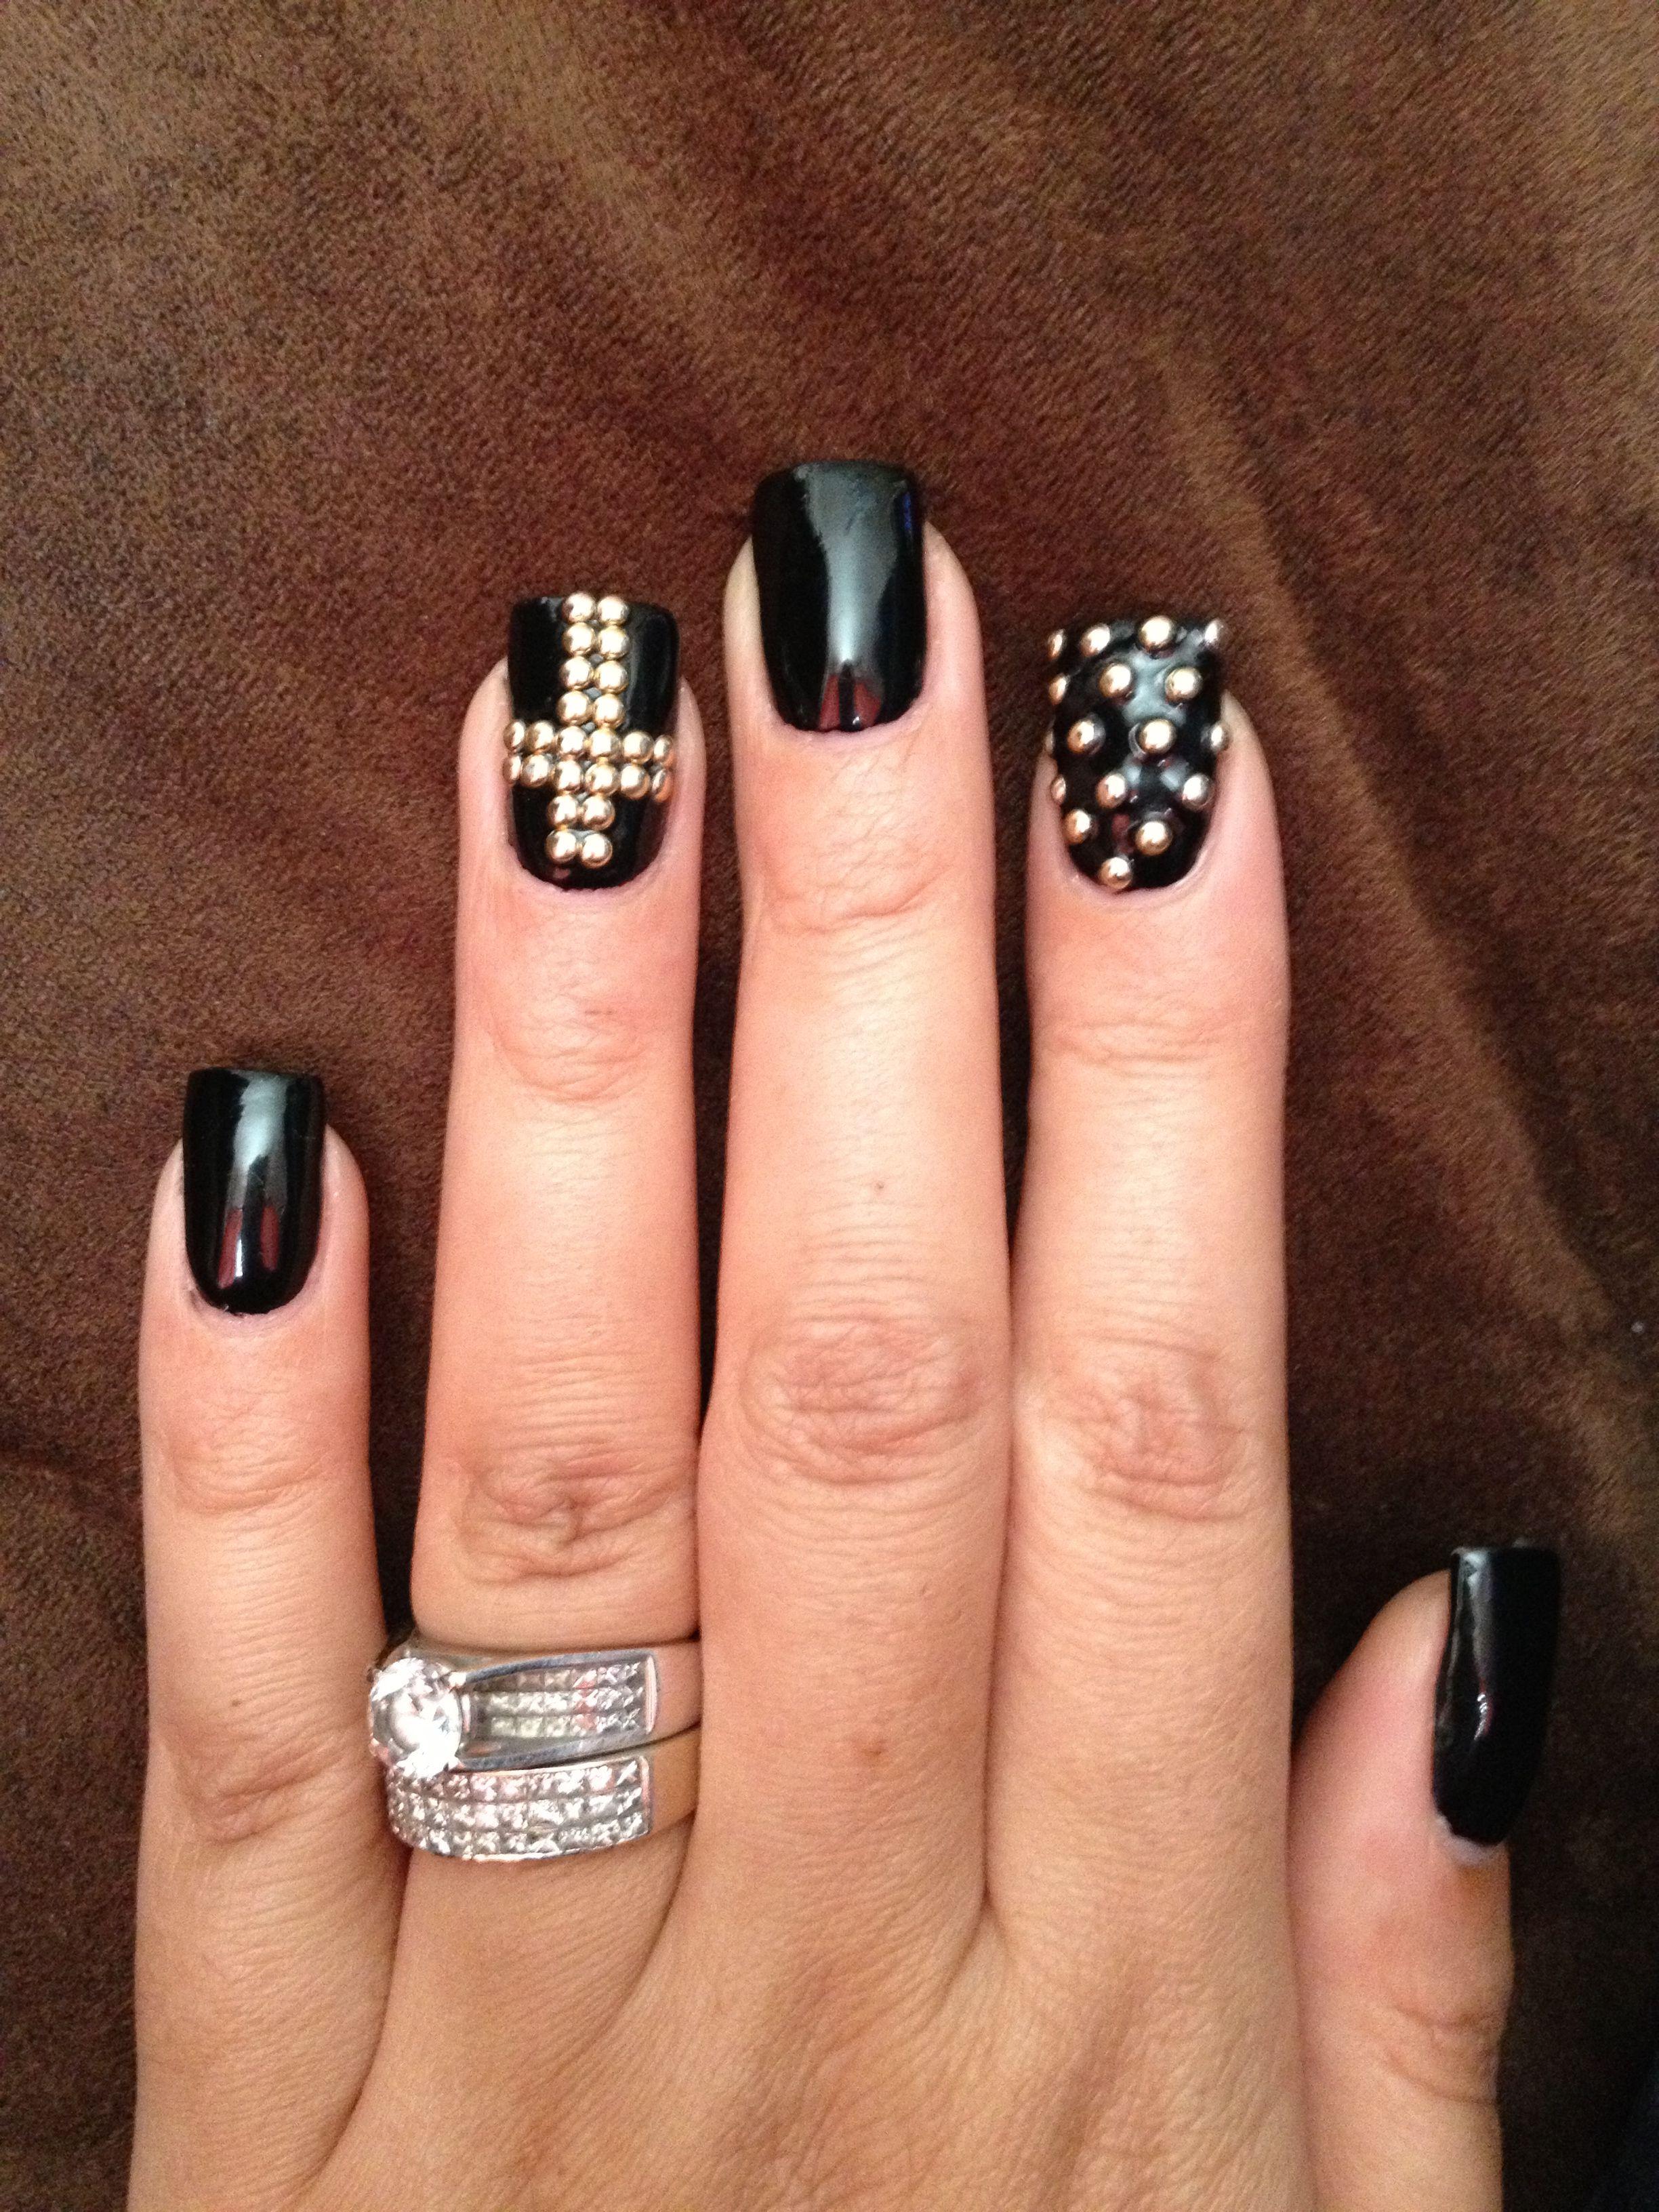 Gothic Nail Designs Nail Art Pinterest Gothic Nails Mani Pedi